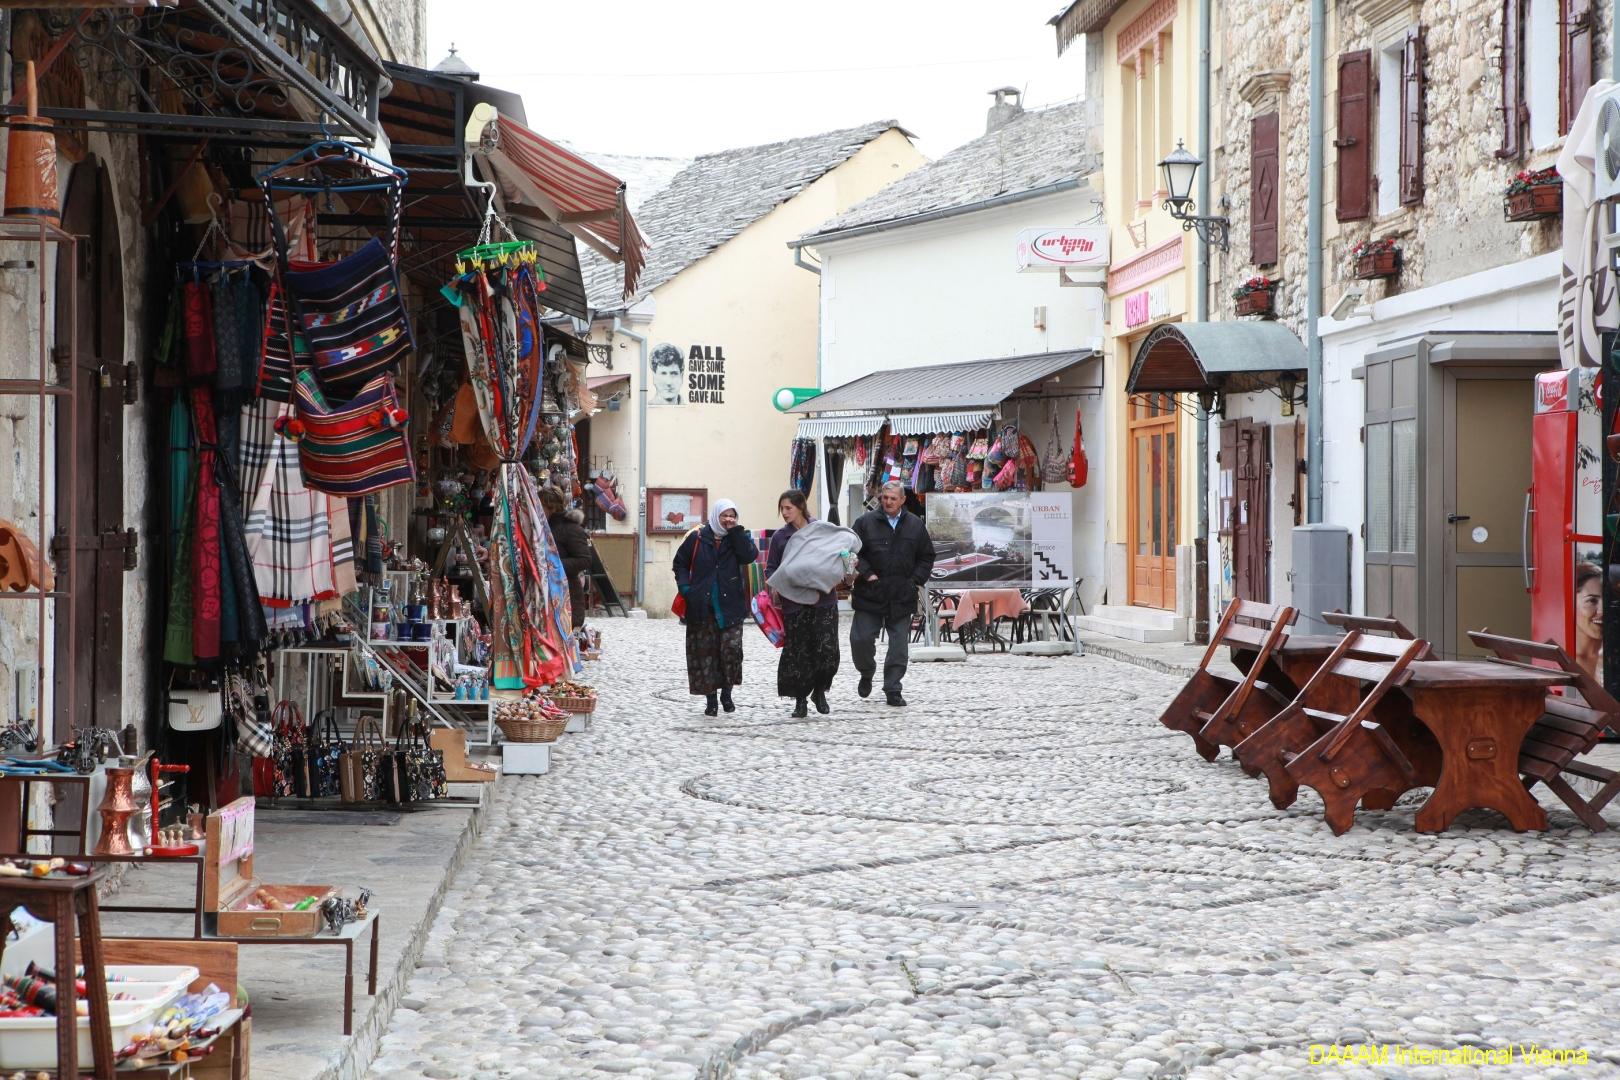 DAAAM_2016_Mostar_01_Magic_City_of_Mostar_113